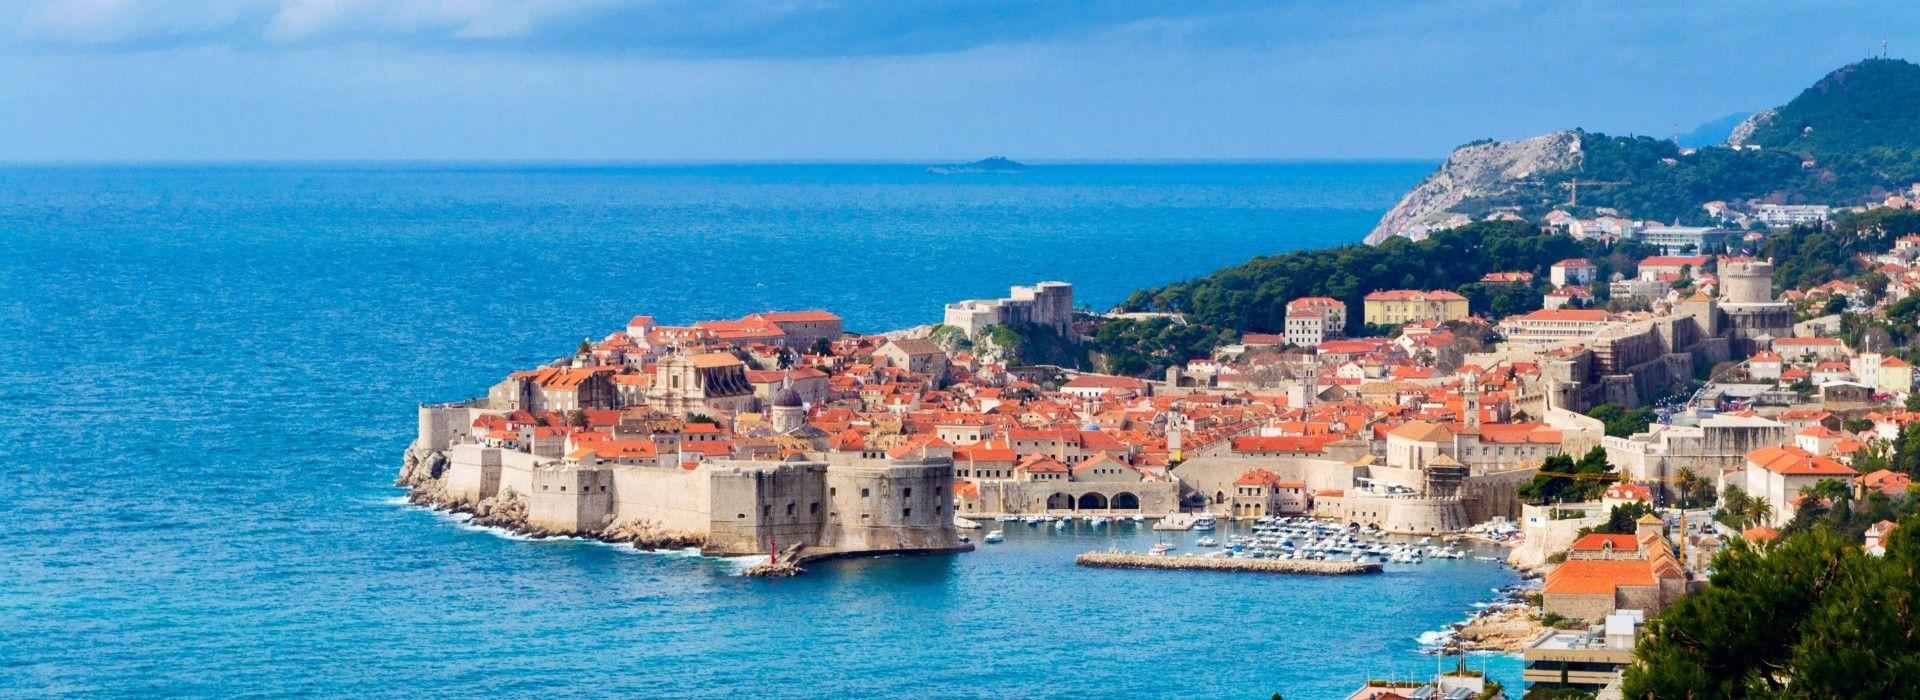 Beaches Tours in Croatia